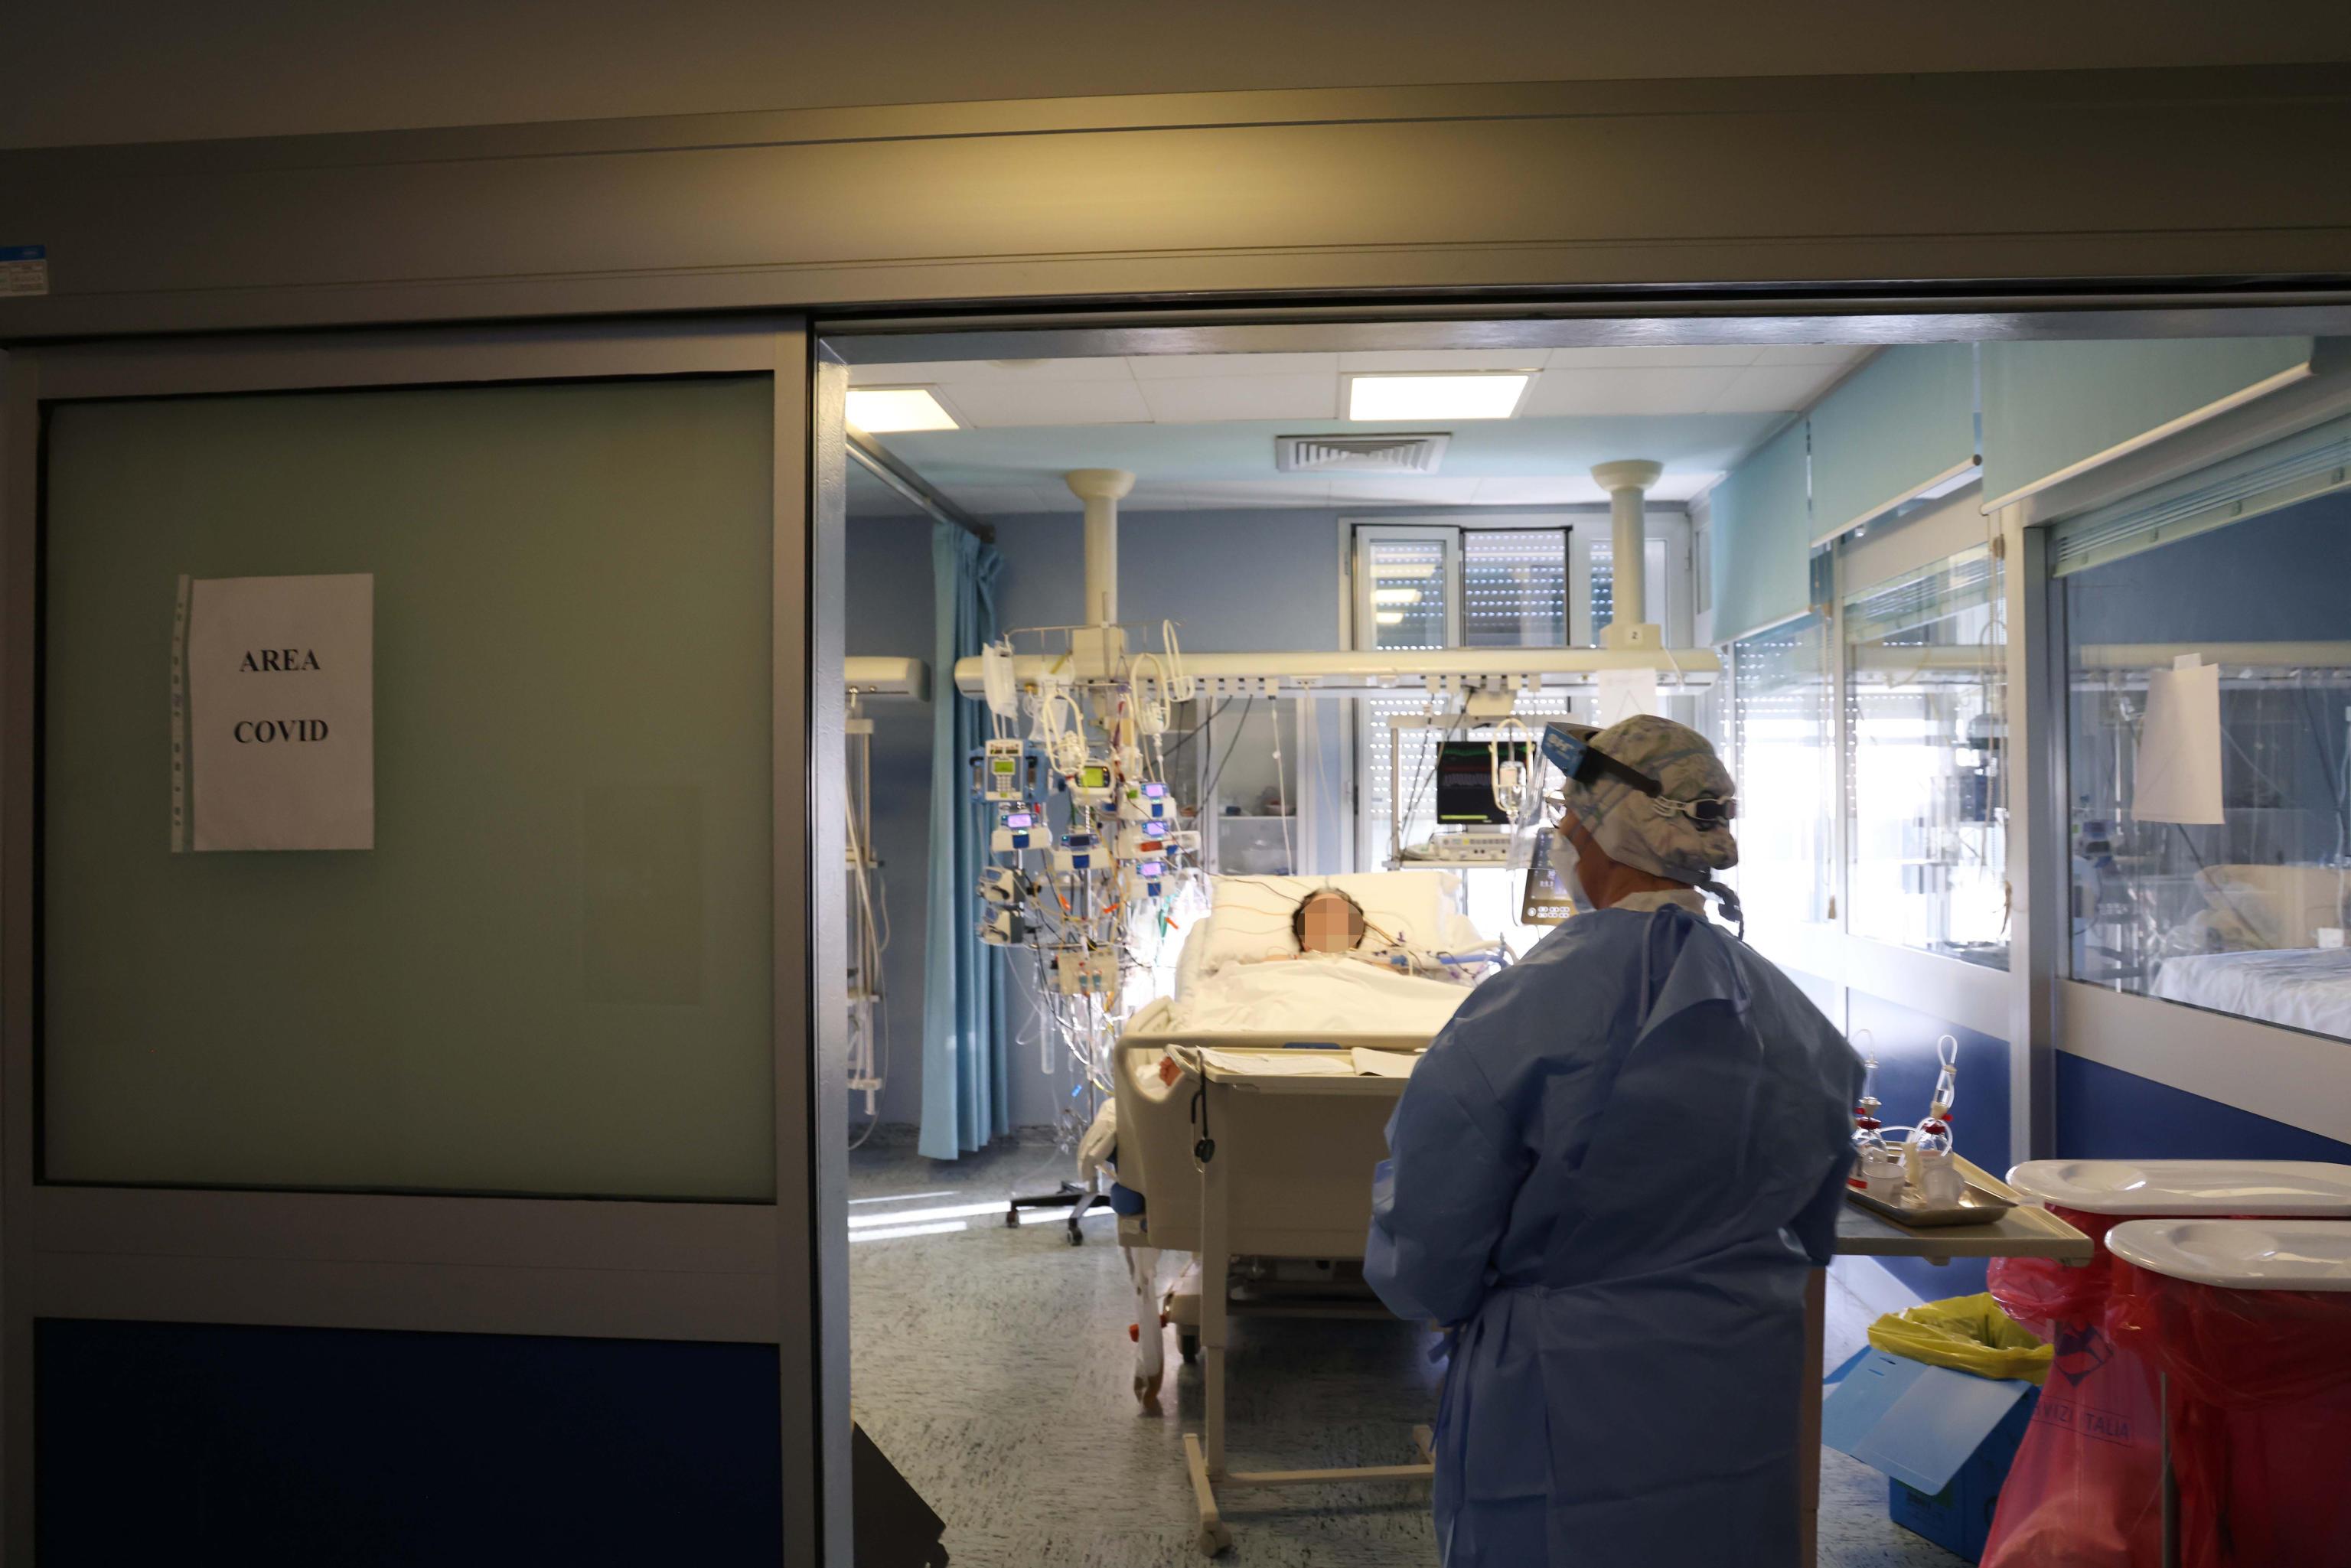 Coronavirus, sei Regioni rischiano di passare in zona arancione dal 1 marzo. Pistoia e Siena in lockdown